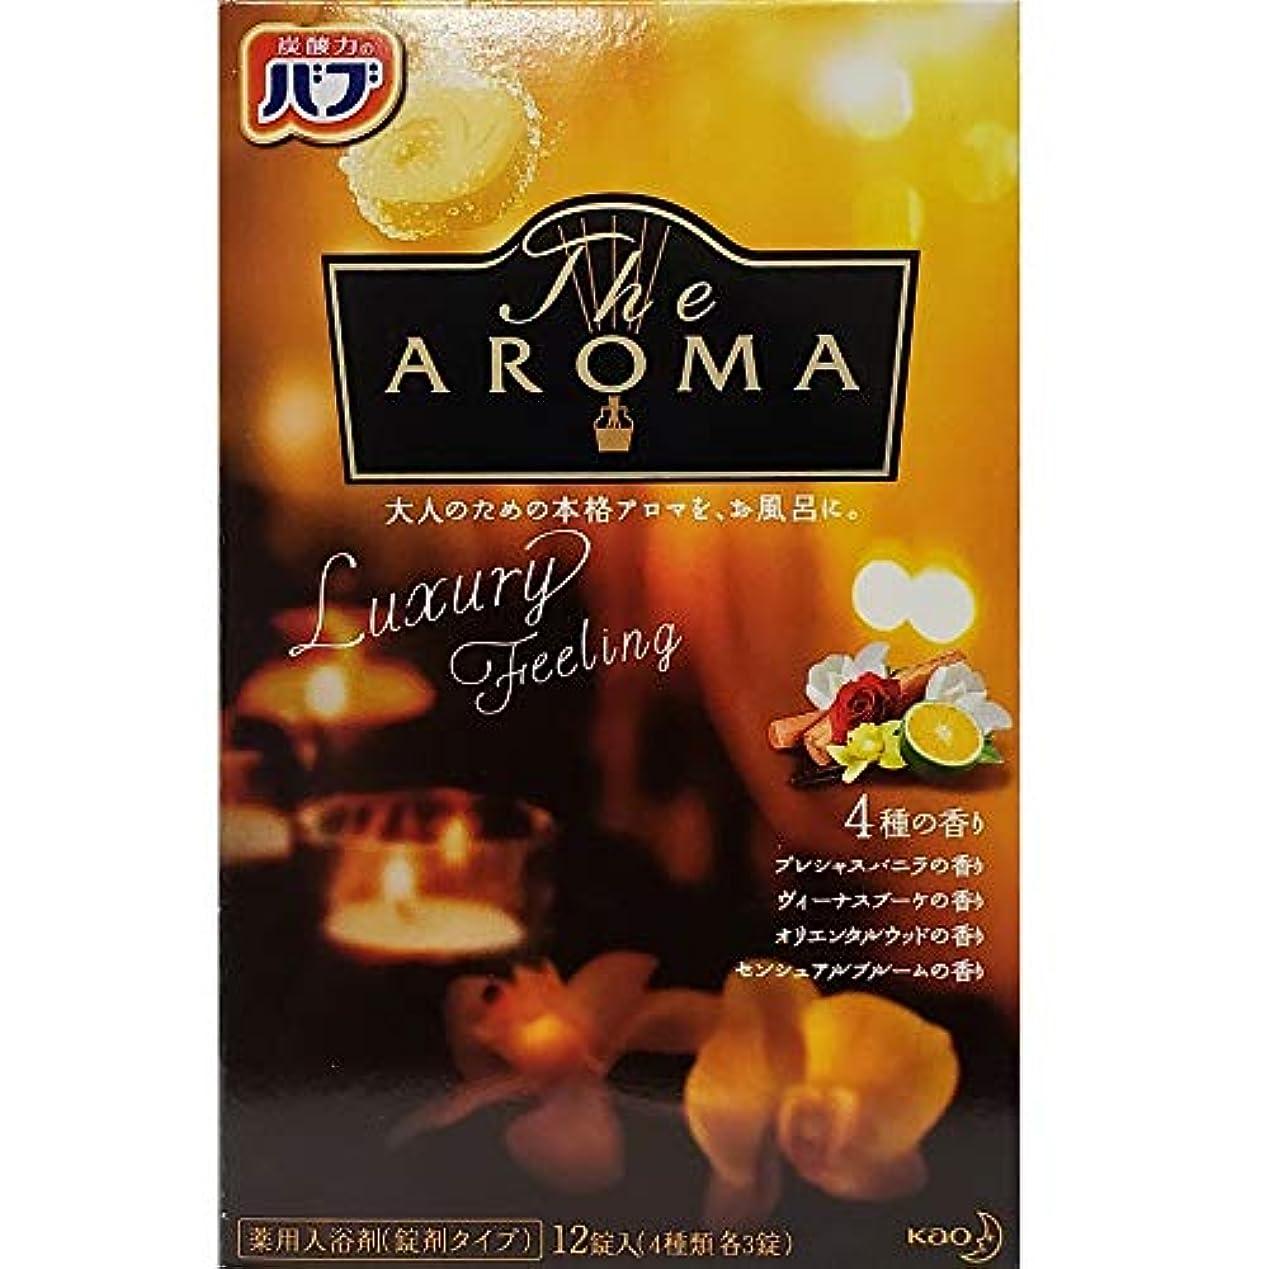 混乱クリークロールバブ The Aroma Luxury Feeling 40g×12錠(4種類 各3錠) 医薬部外品